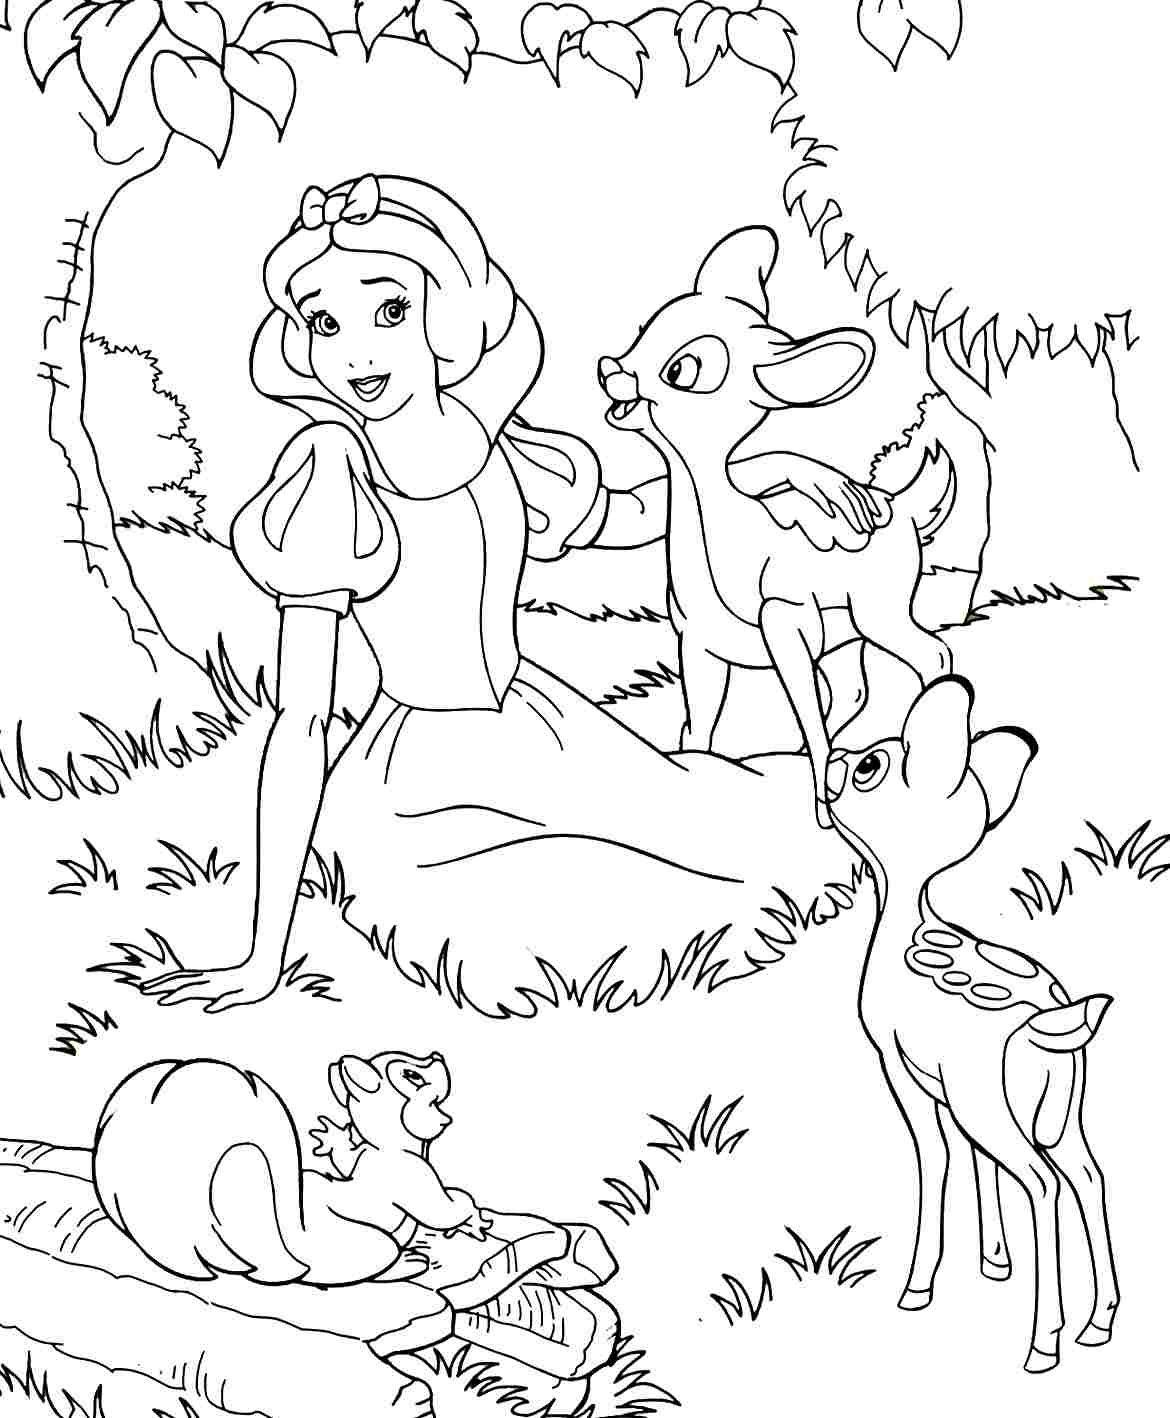 Tranh tô màu nàng bạch tuyết trong rừng